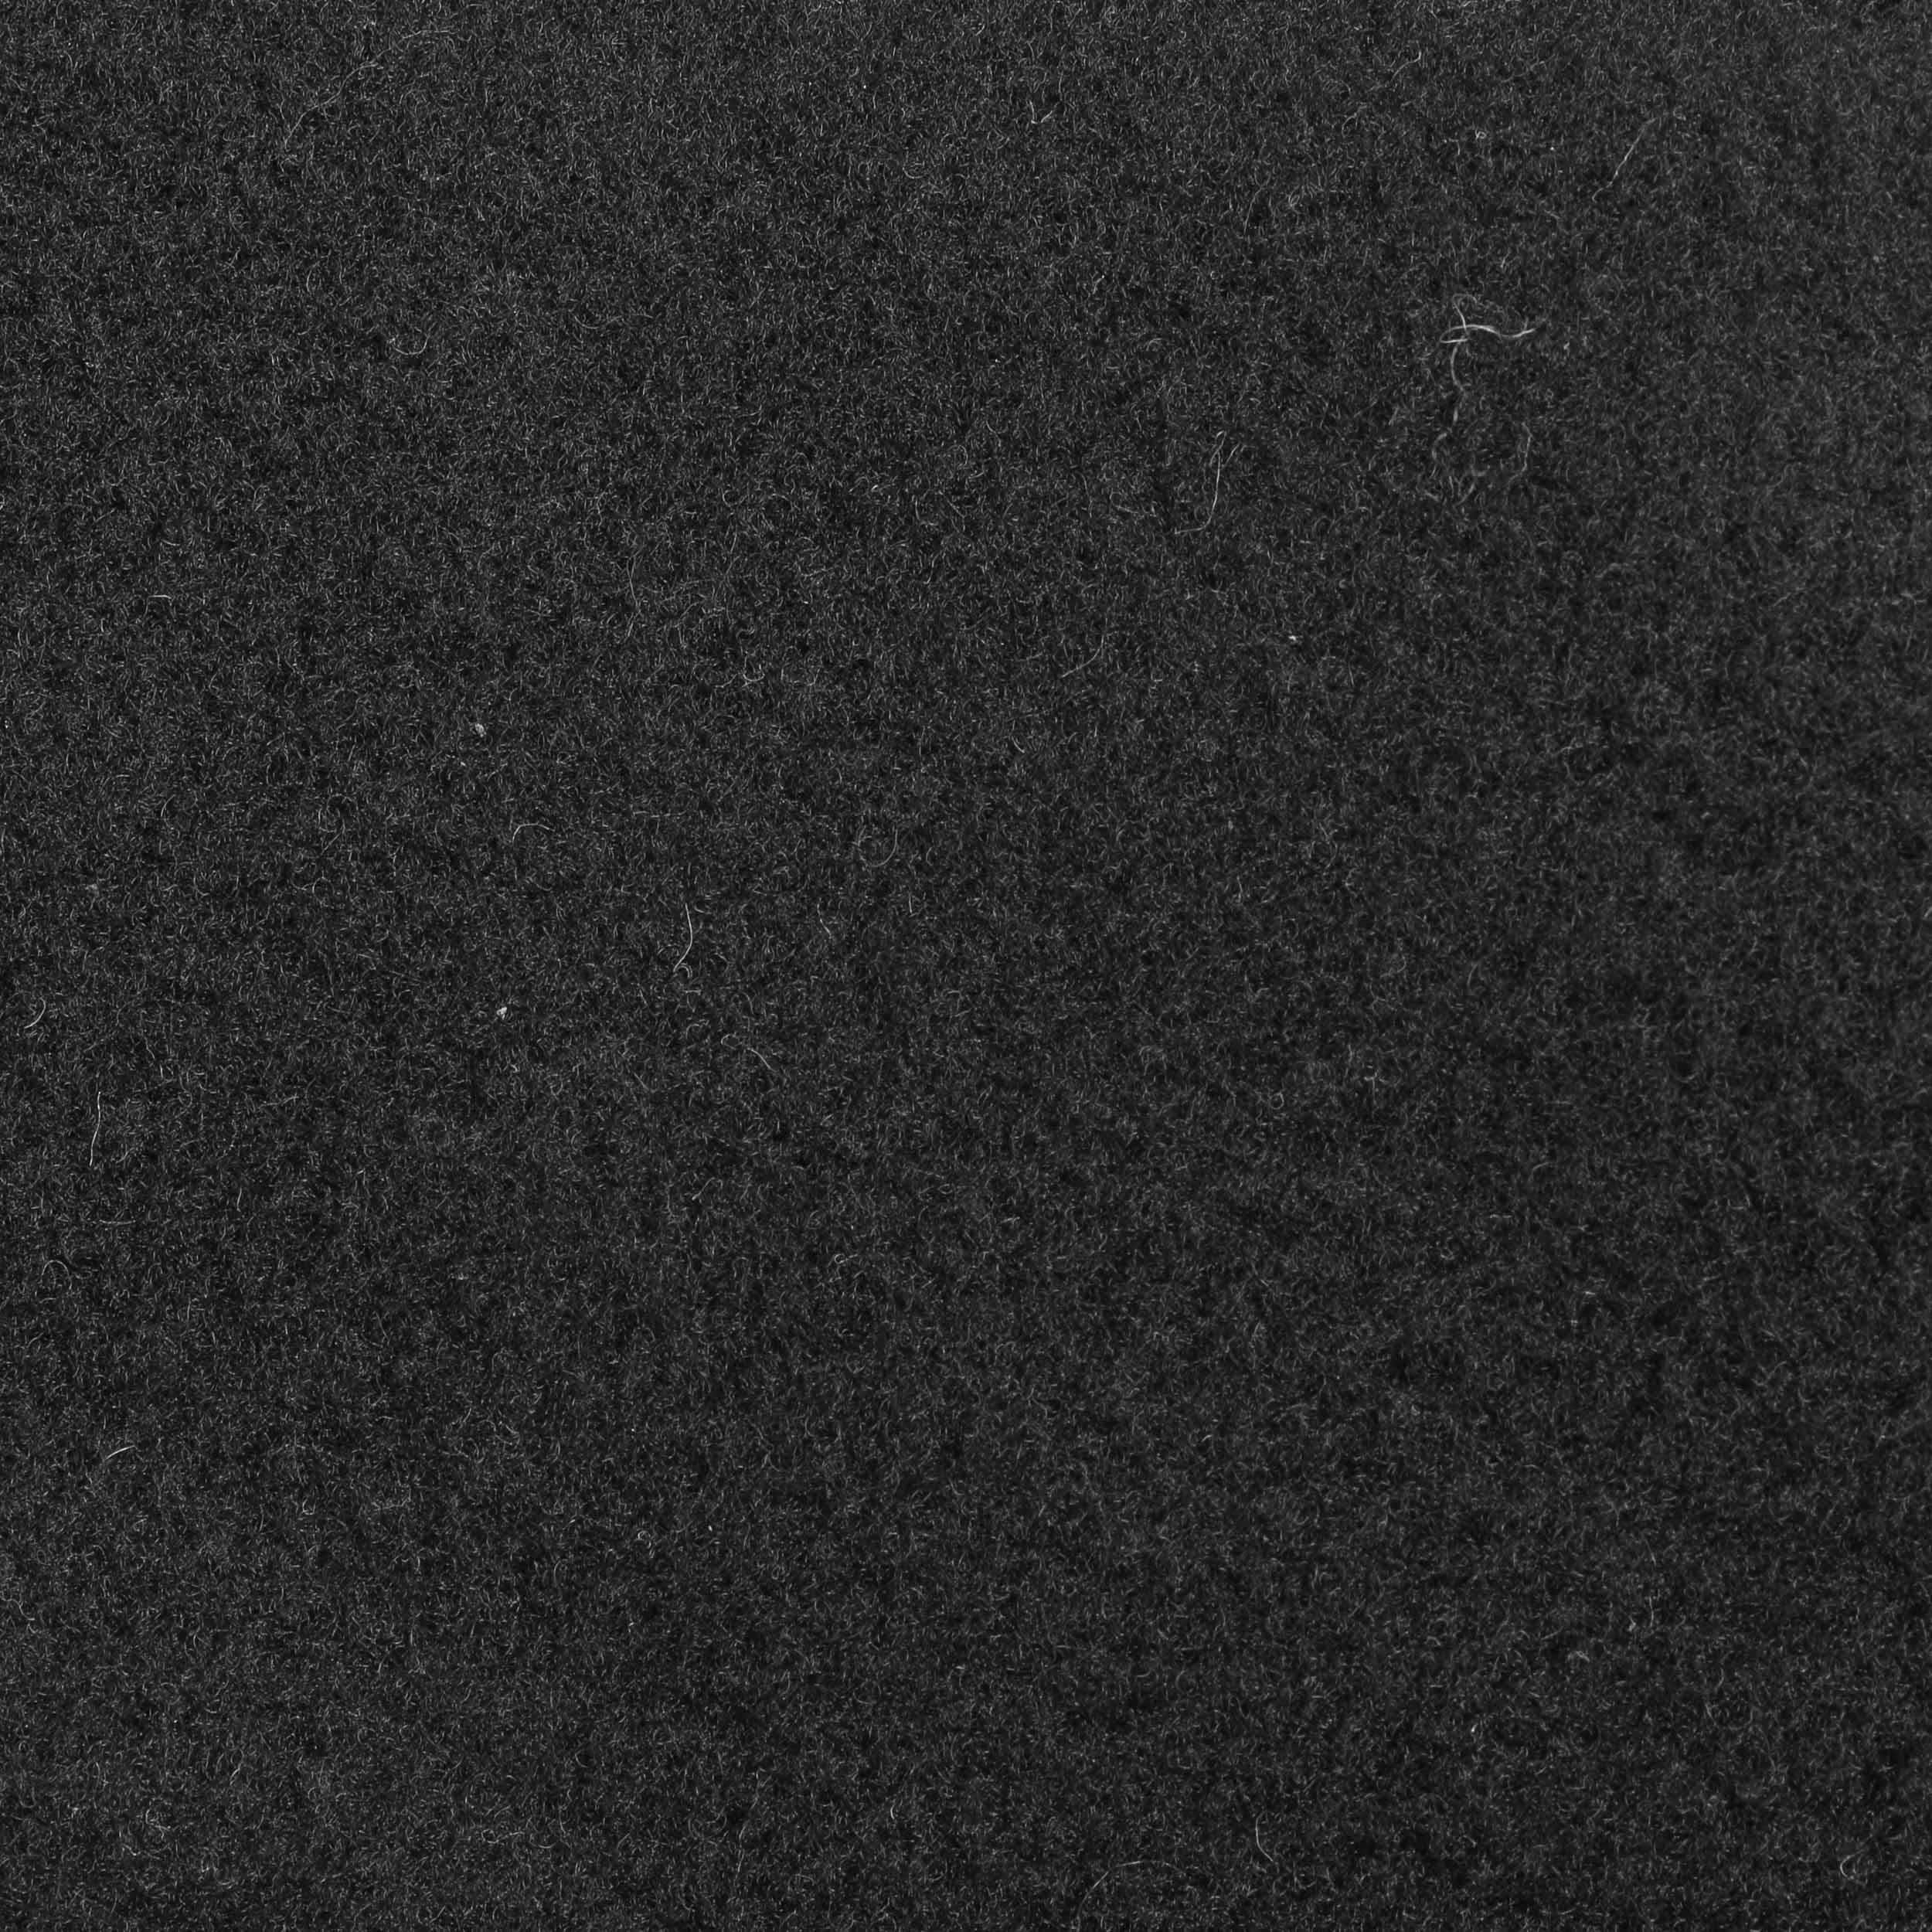 164939246528c4 ... Vertigo Fleece-Stirnband by Jack Wolfskin - schwarz 2 ...